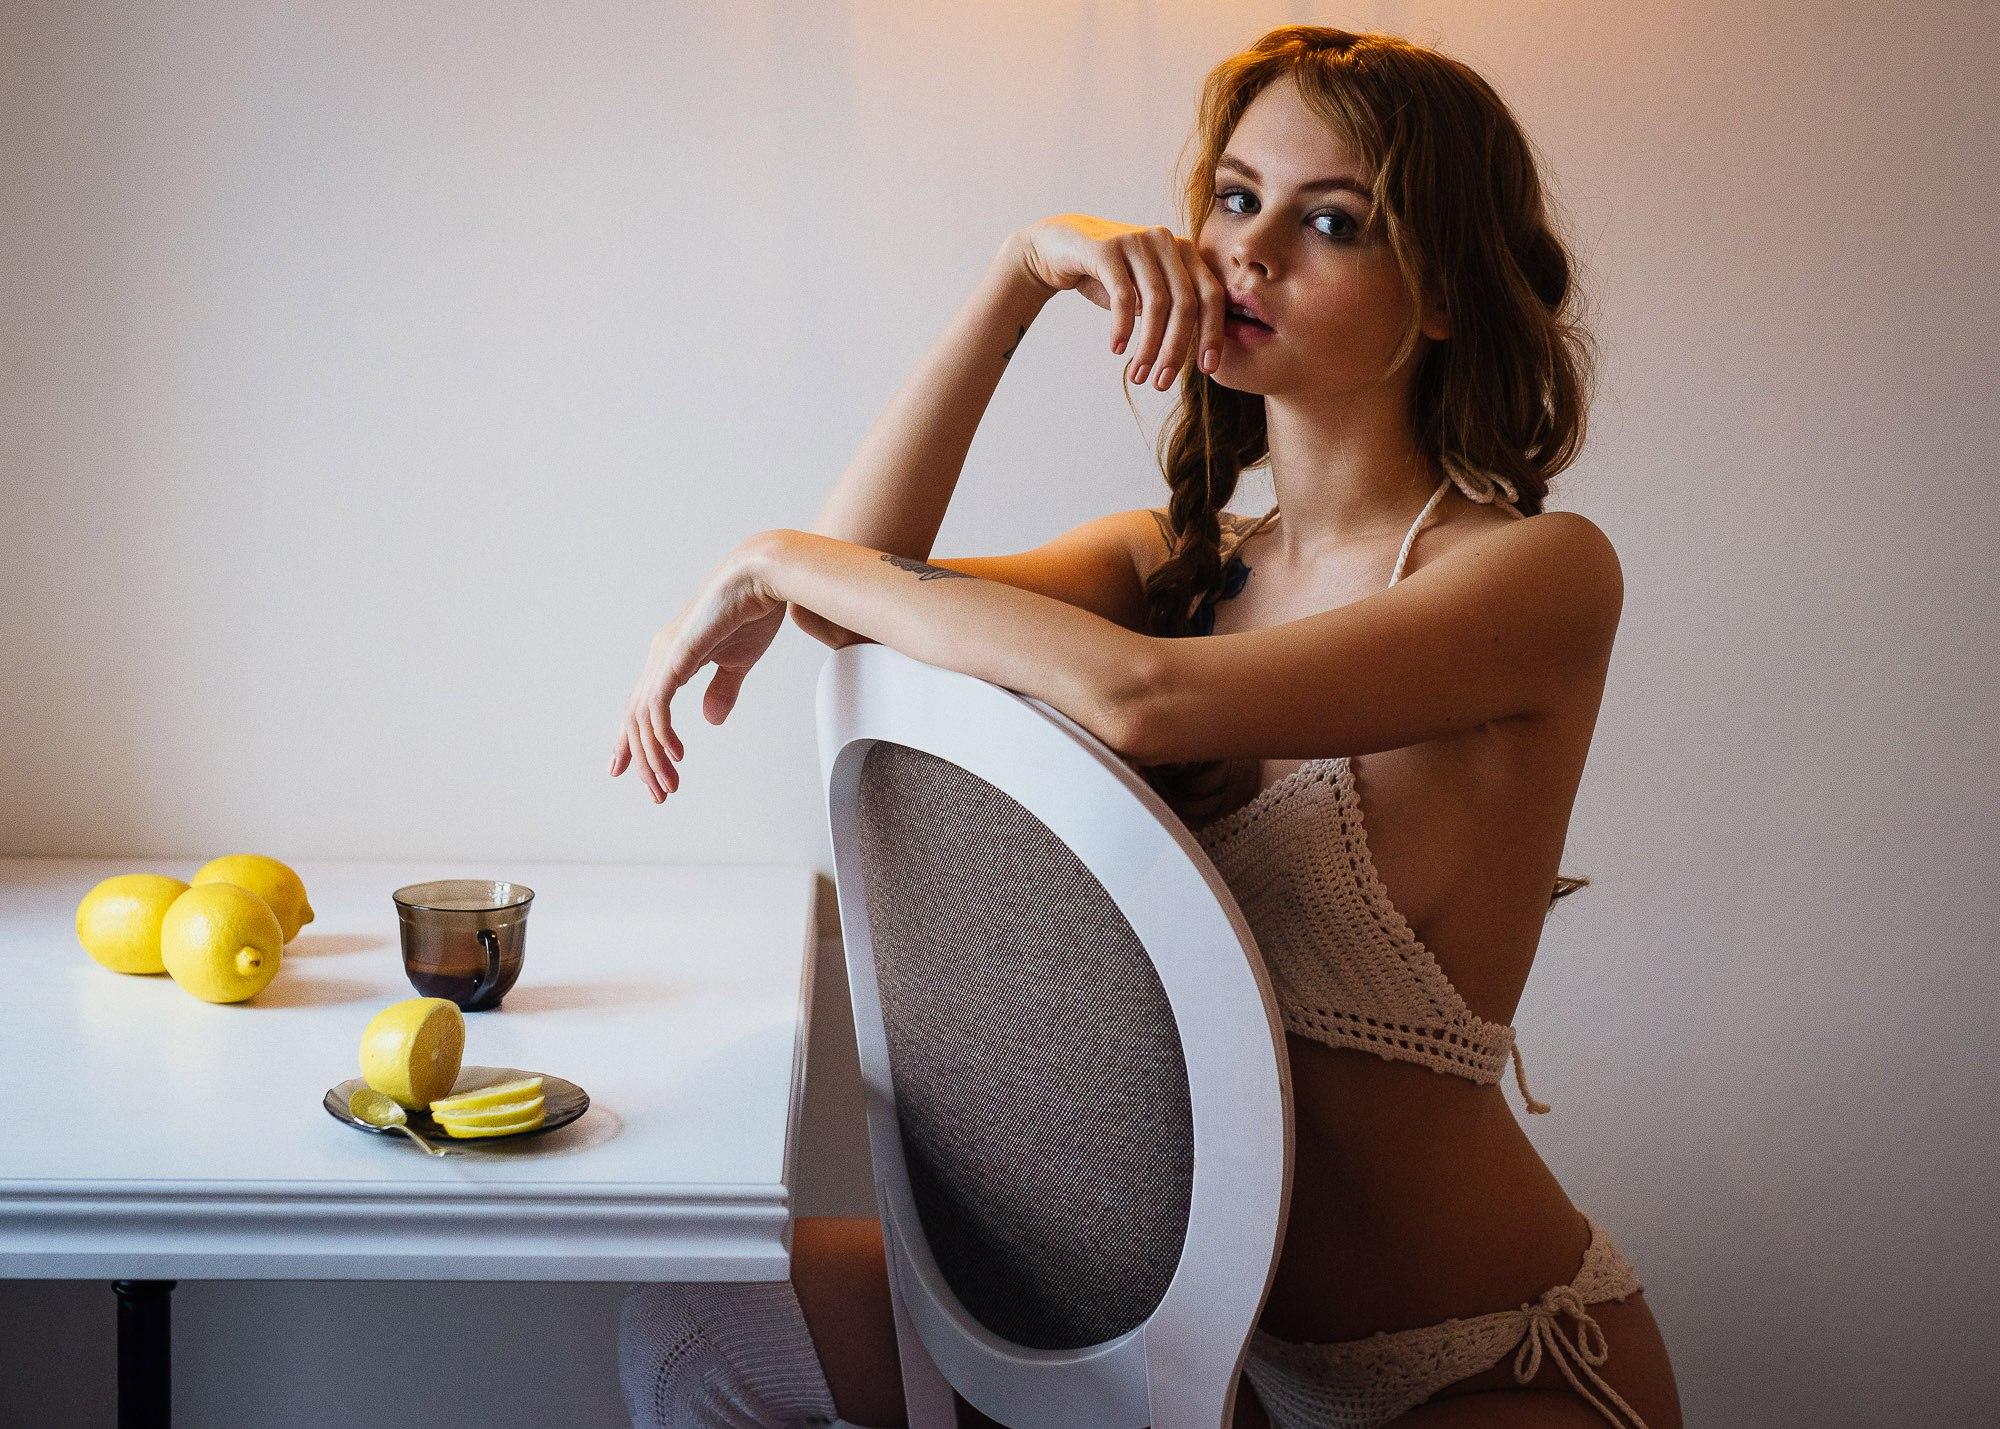 Анастасия Щеглова фото Лиза Шабурова